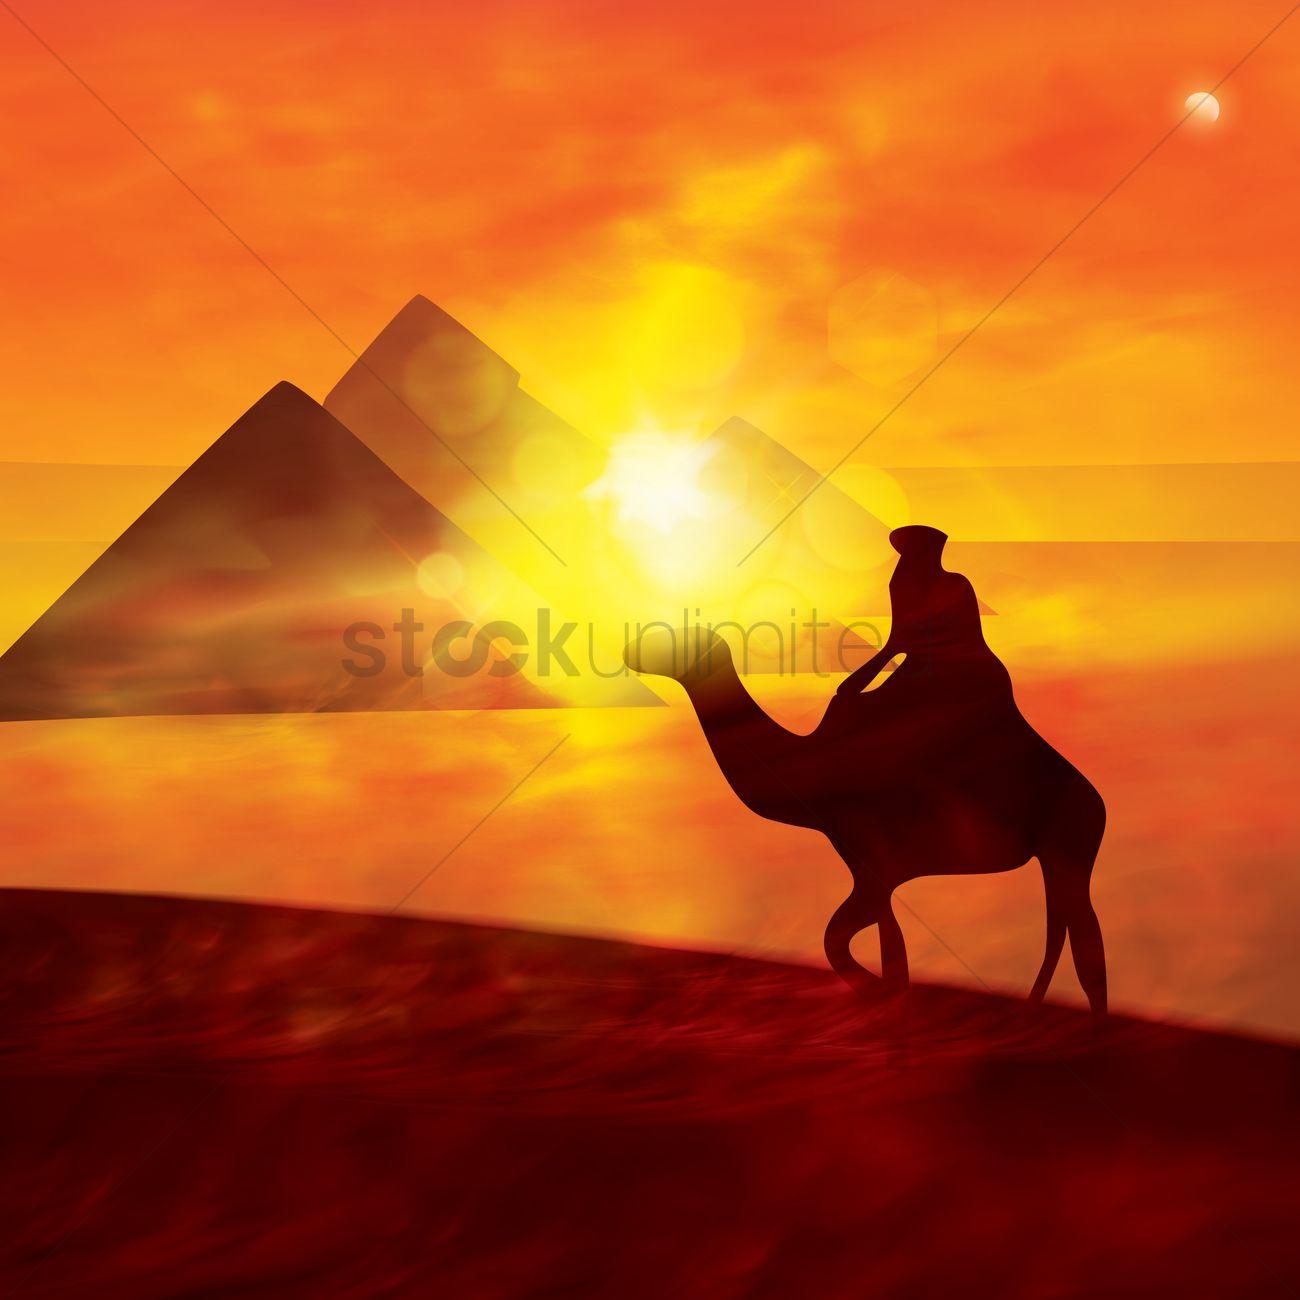 Desert Wallpaper Vector Image 1807217 Stockunlimited